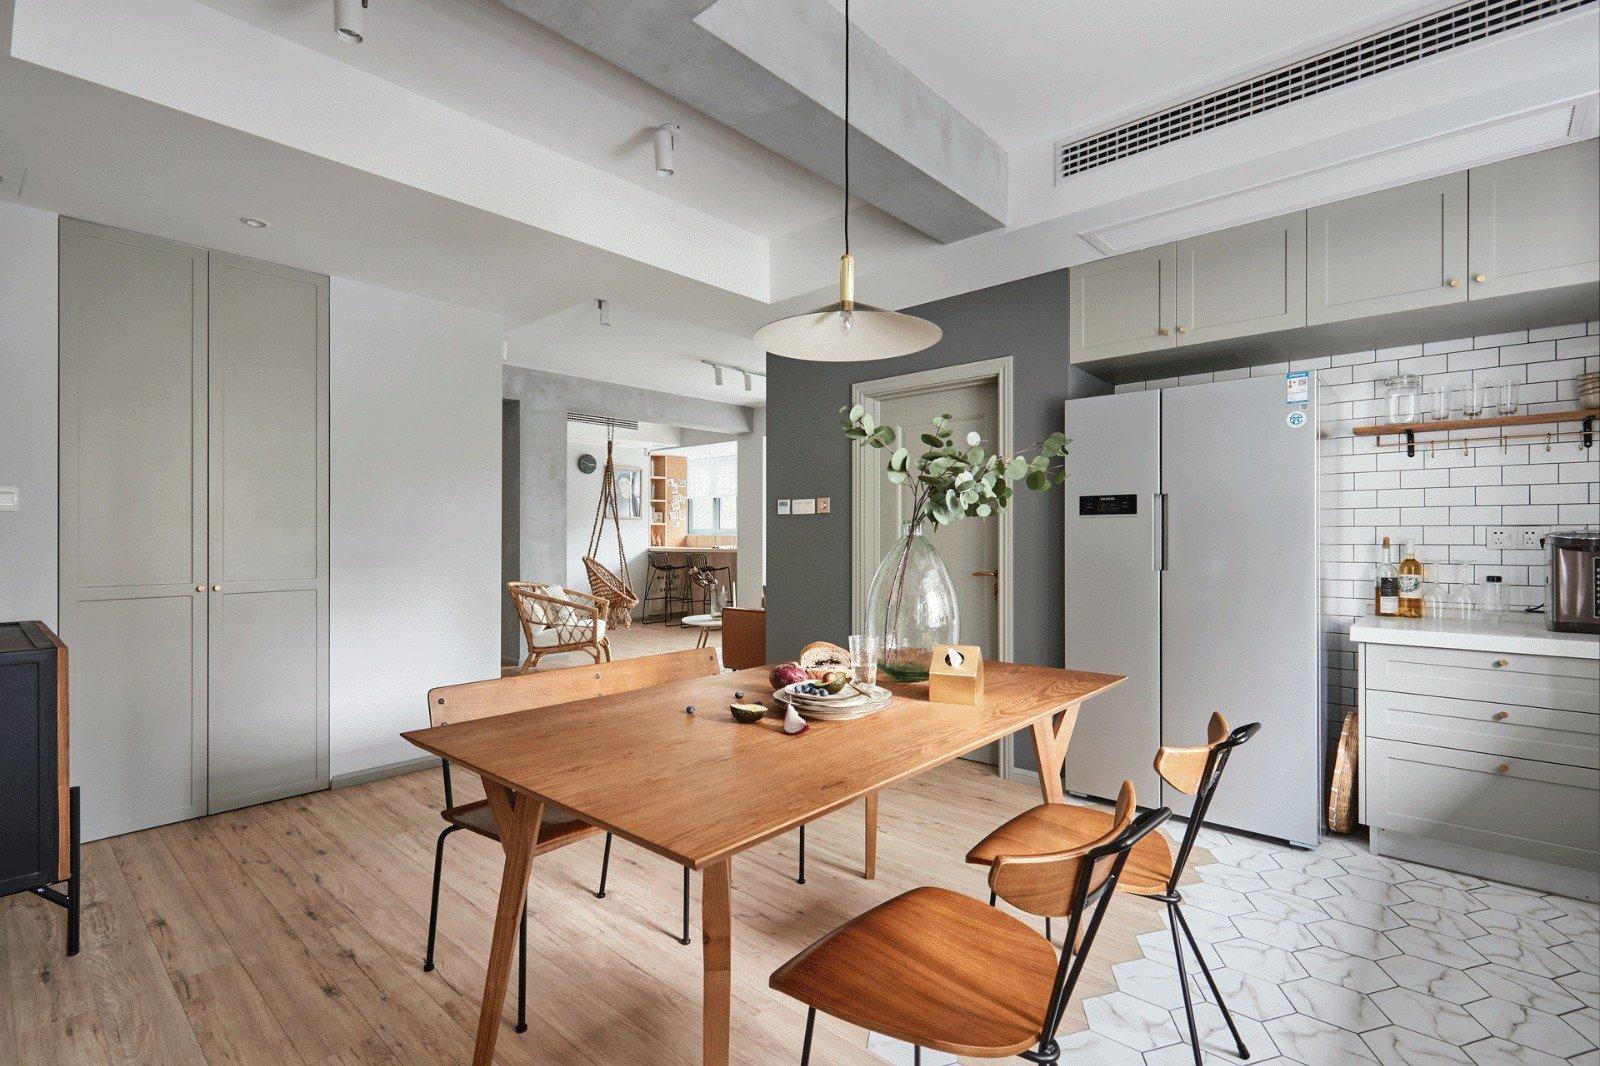 100㎡能客厅荡秋千的家,每一个空间不一样的美.图片